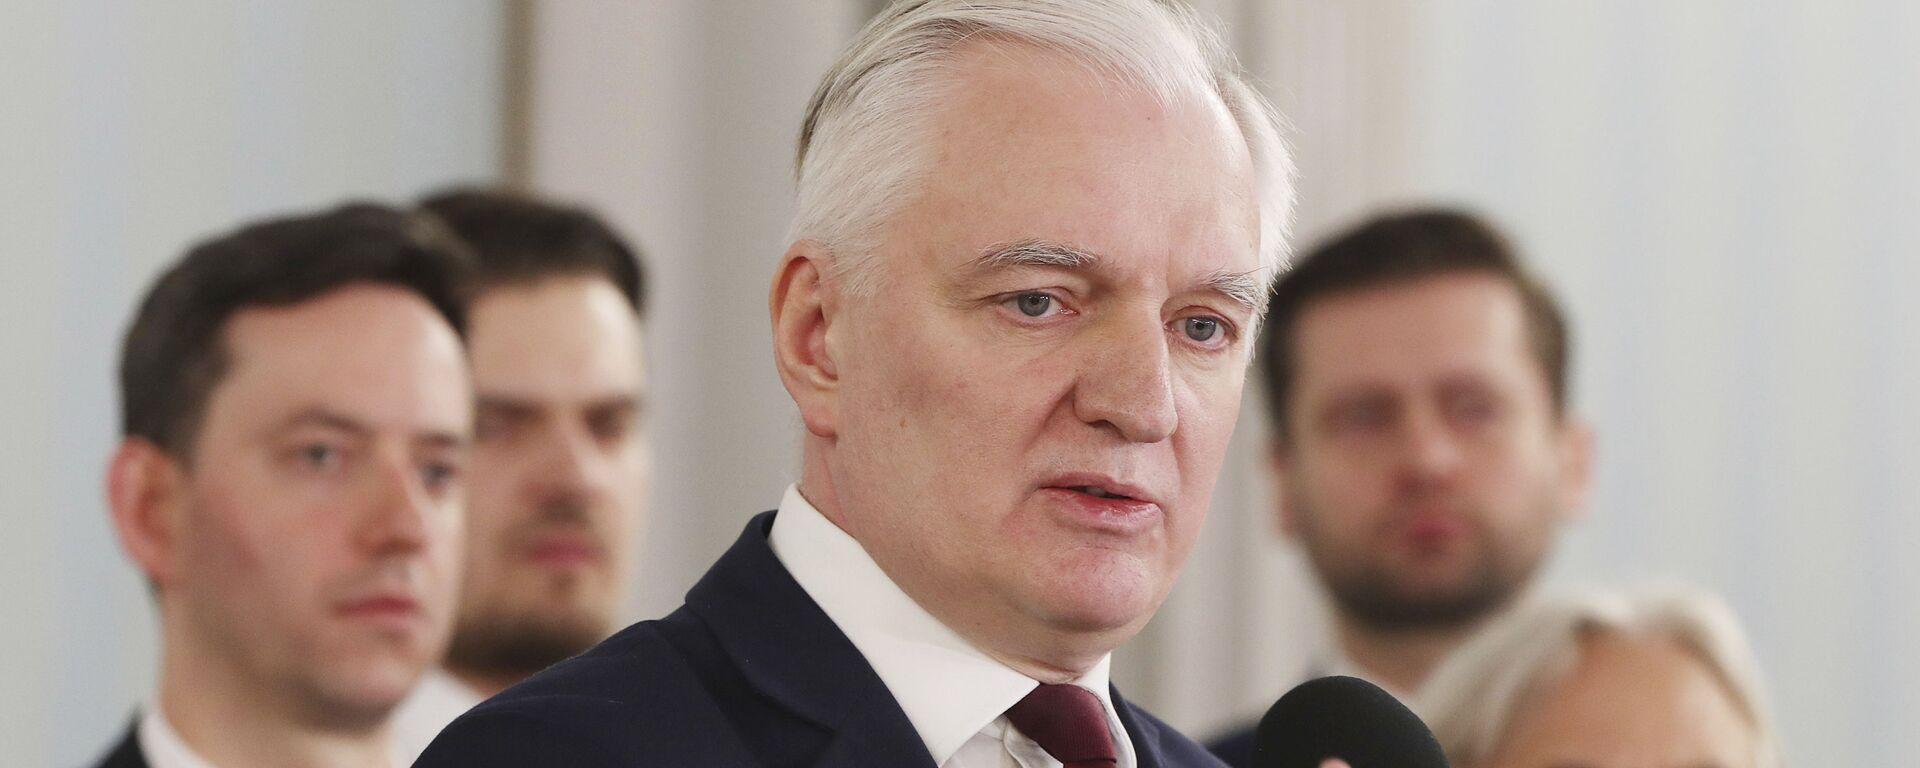 Jarosław Gowin - Sputnik Polska, 1920, 24.03.2021